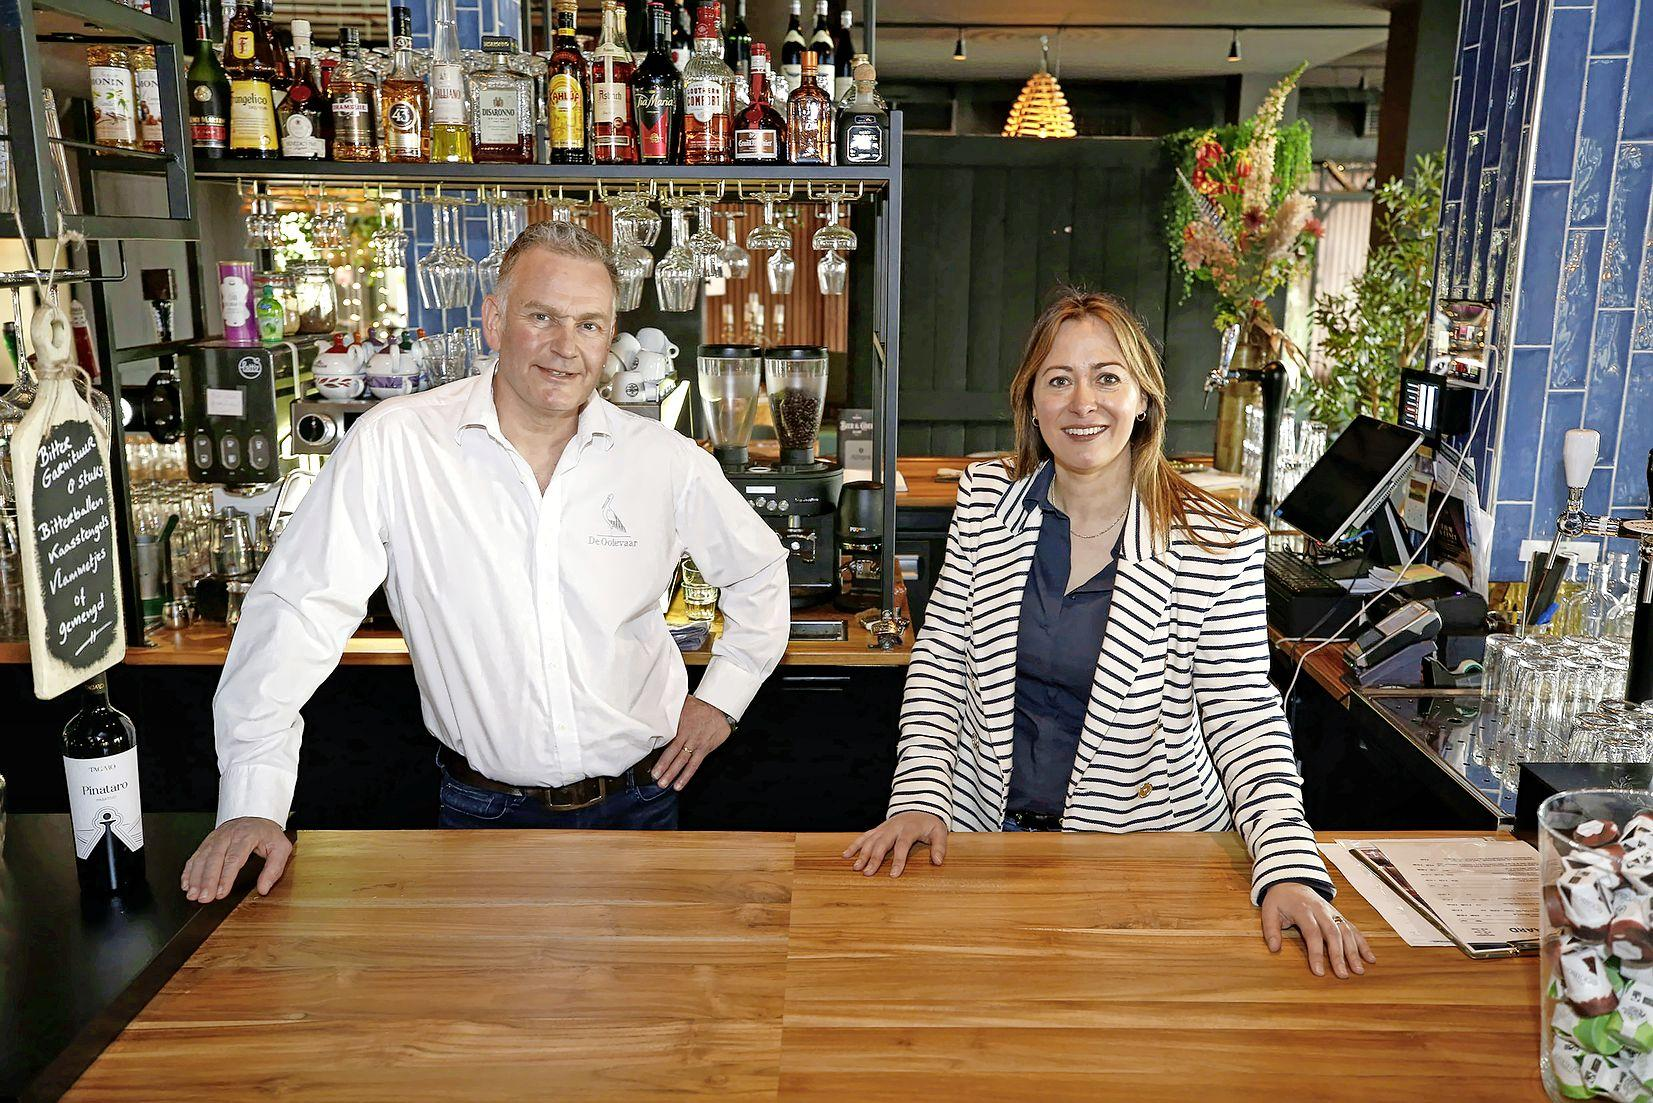 De Ooievaar verdwijnt uit Warmenhuizen. Eigenaren Silvia en Maarten Pronk gaan het restaurant van Hotel Marktstad in Schagen runnen. 'Met de gemoedelijkheid van Warmenhuizen'